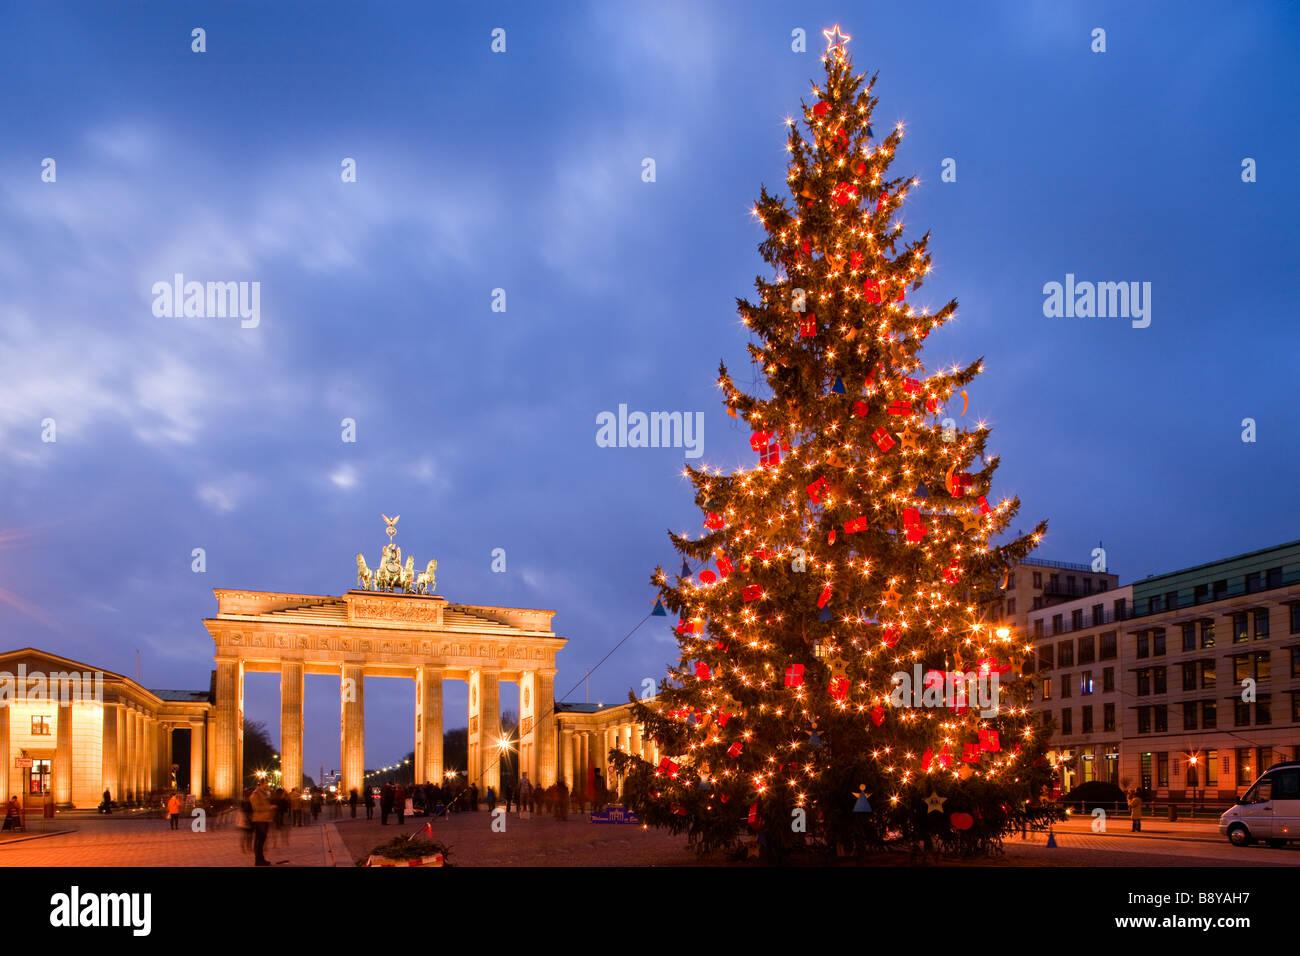 Arbre de Noël dans la Pariser Platz et la porte de Brandebourg Berlin Germisay Photo Stock